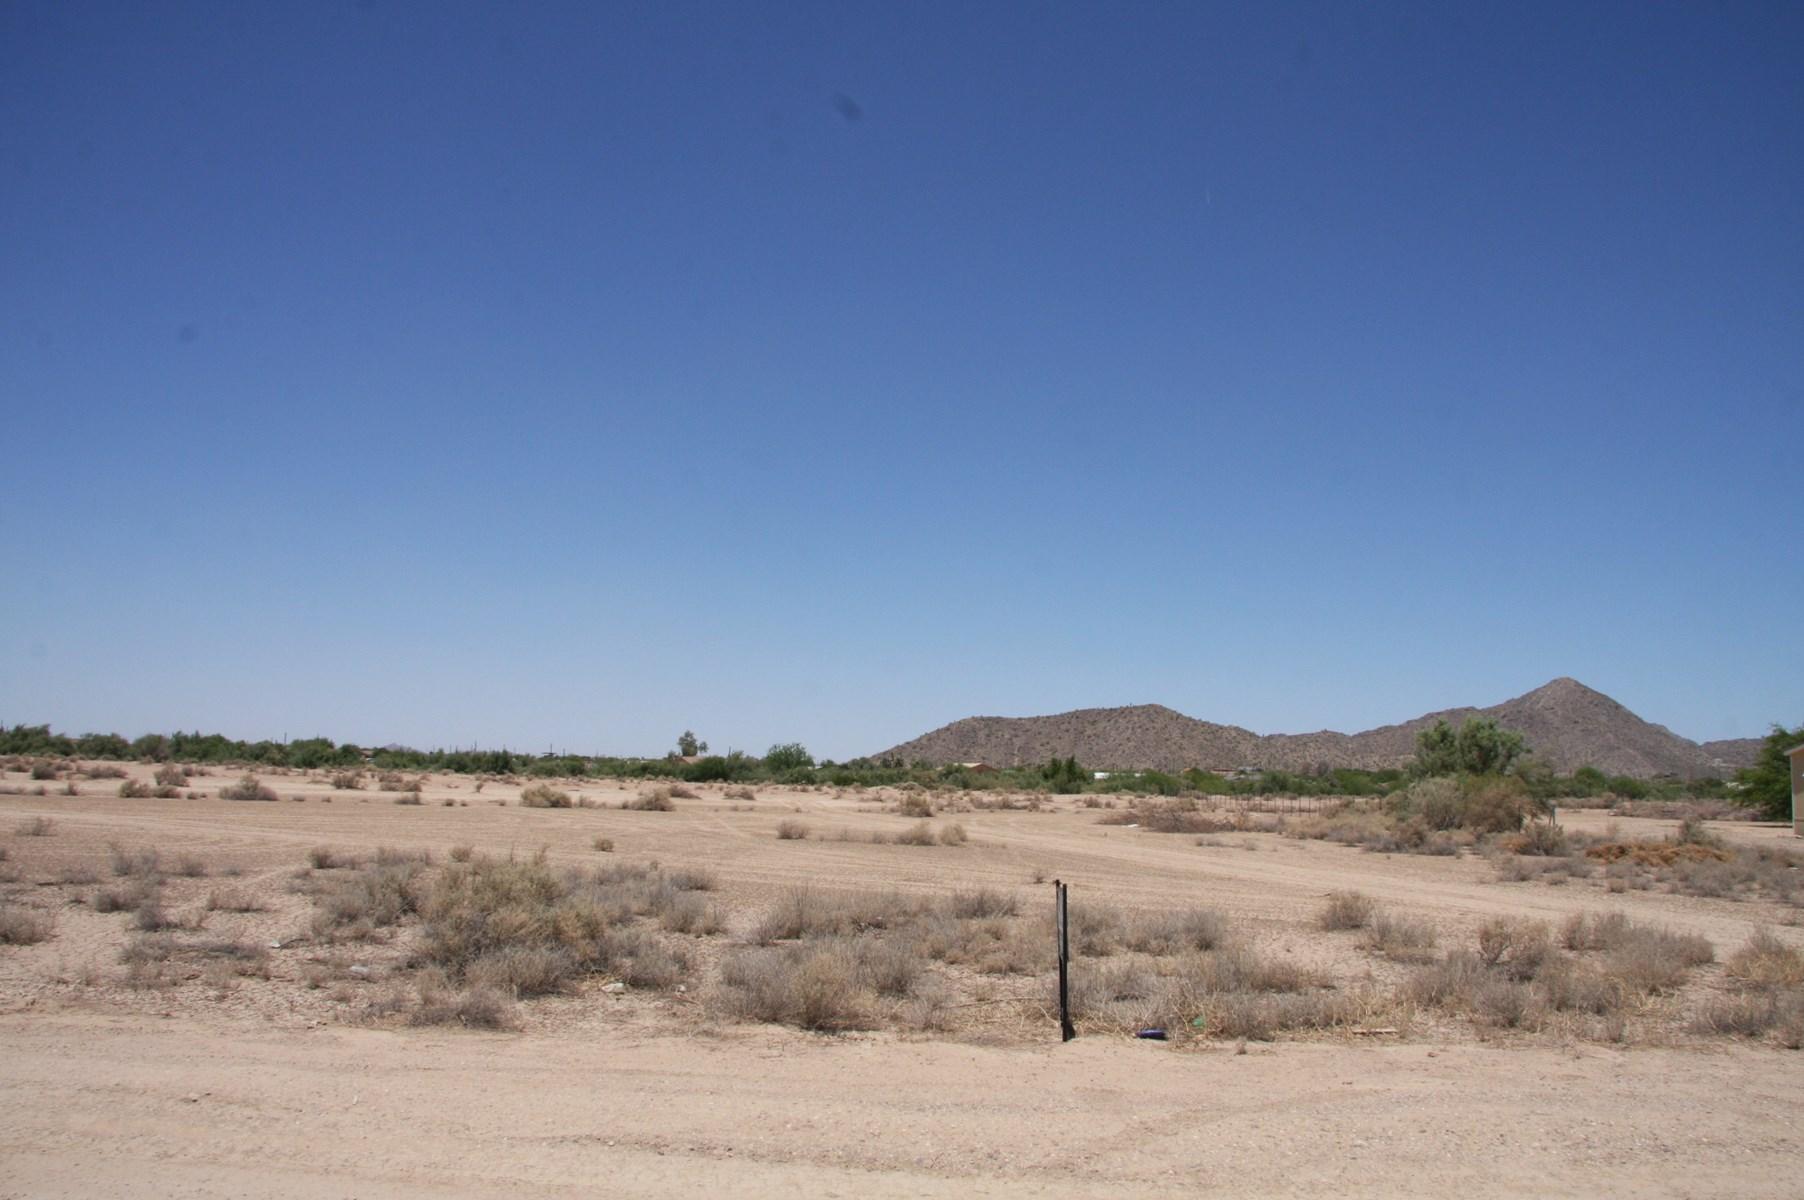 LAND FOR SALE CASA GRANDE AZ  Horse land for sale AZ